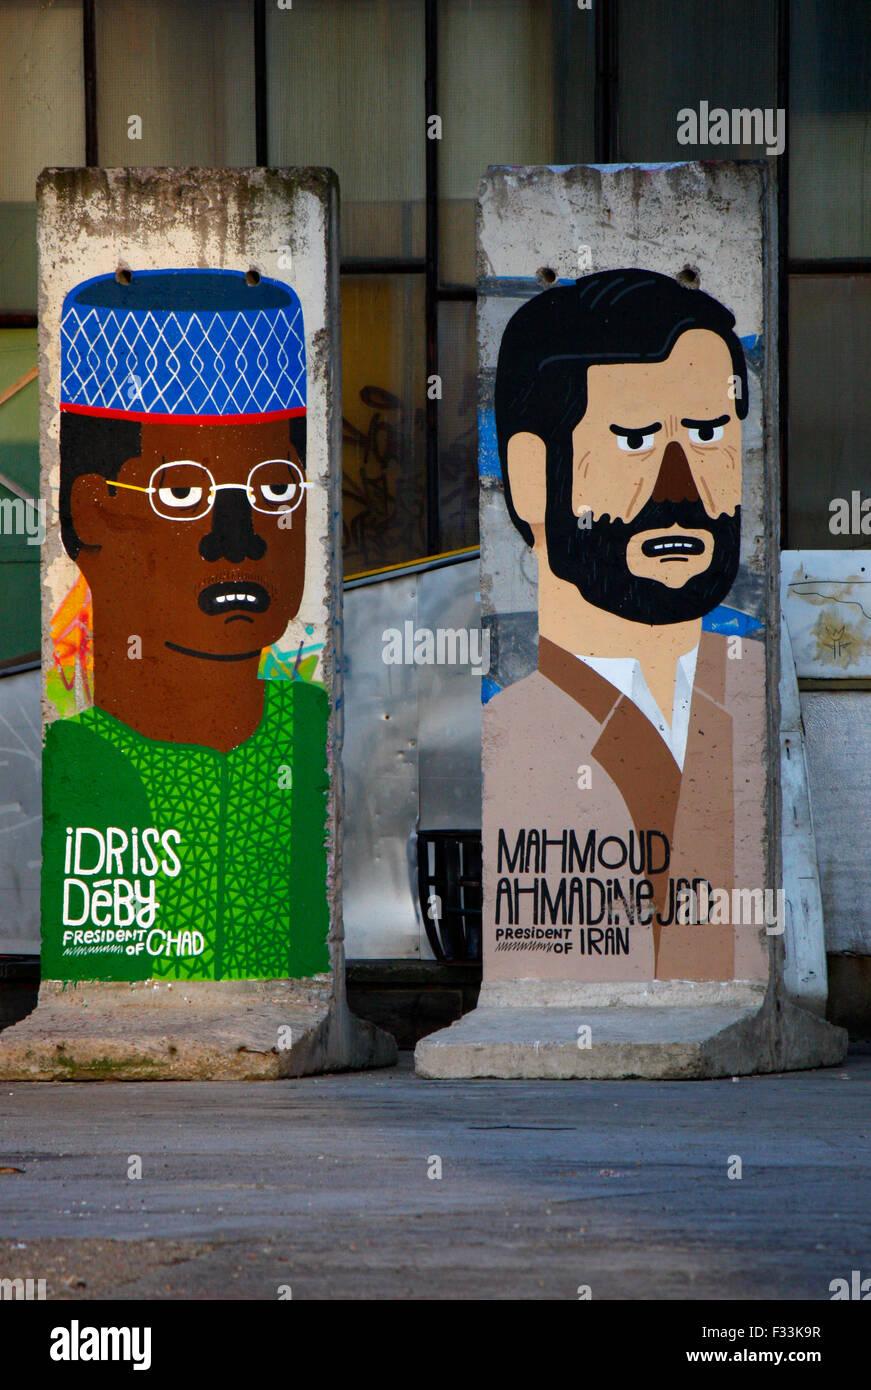 Idriss Deby (Tschad/ Chad), Mahmud Ahmadinedschad (Iran) - Mauerstuecke, auf die aktuelle oder juengst abgesetzte - Stock Image